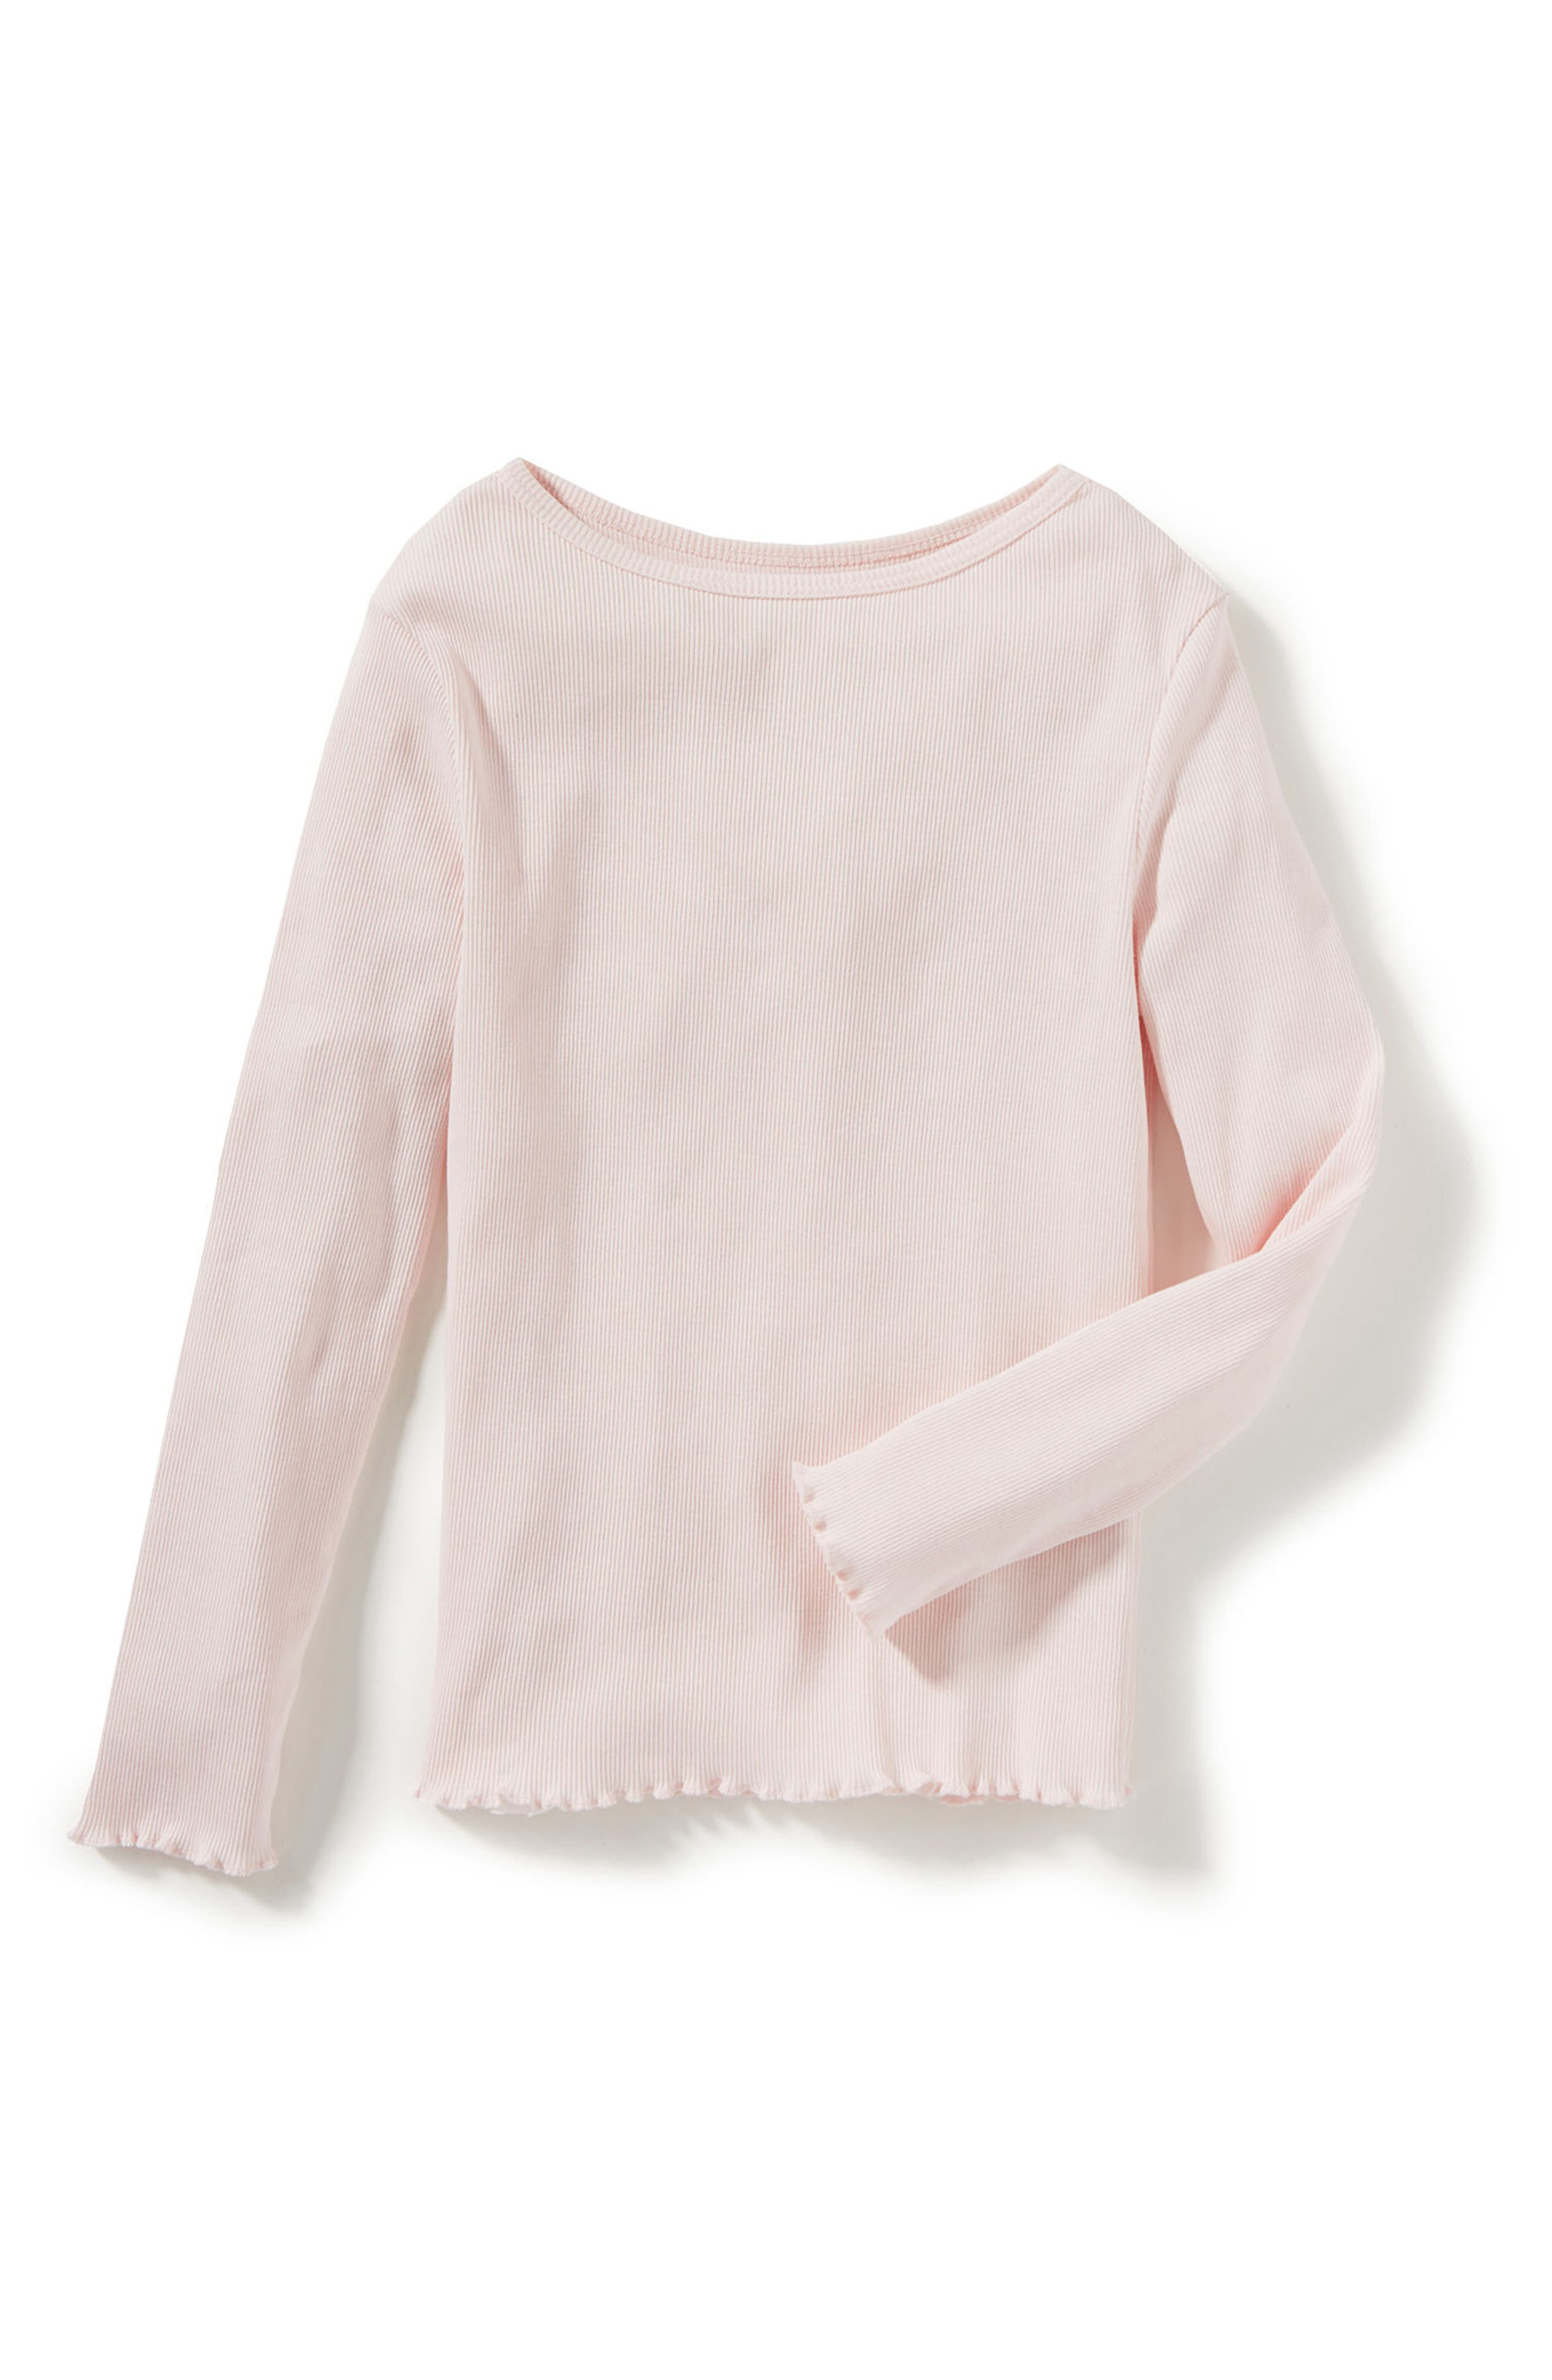 Peek Marie Long Sleeve Tee (Toddler Girls, Little Girls & Big Girls)